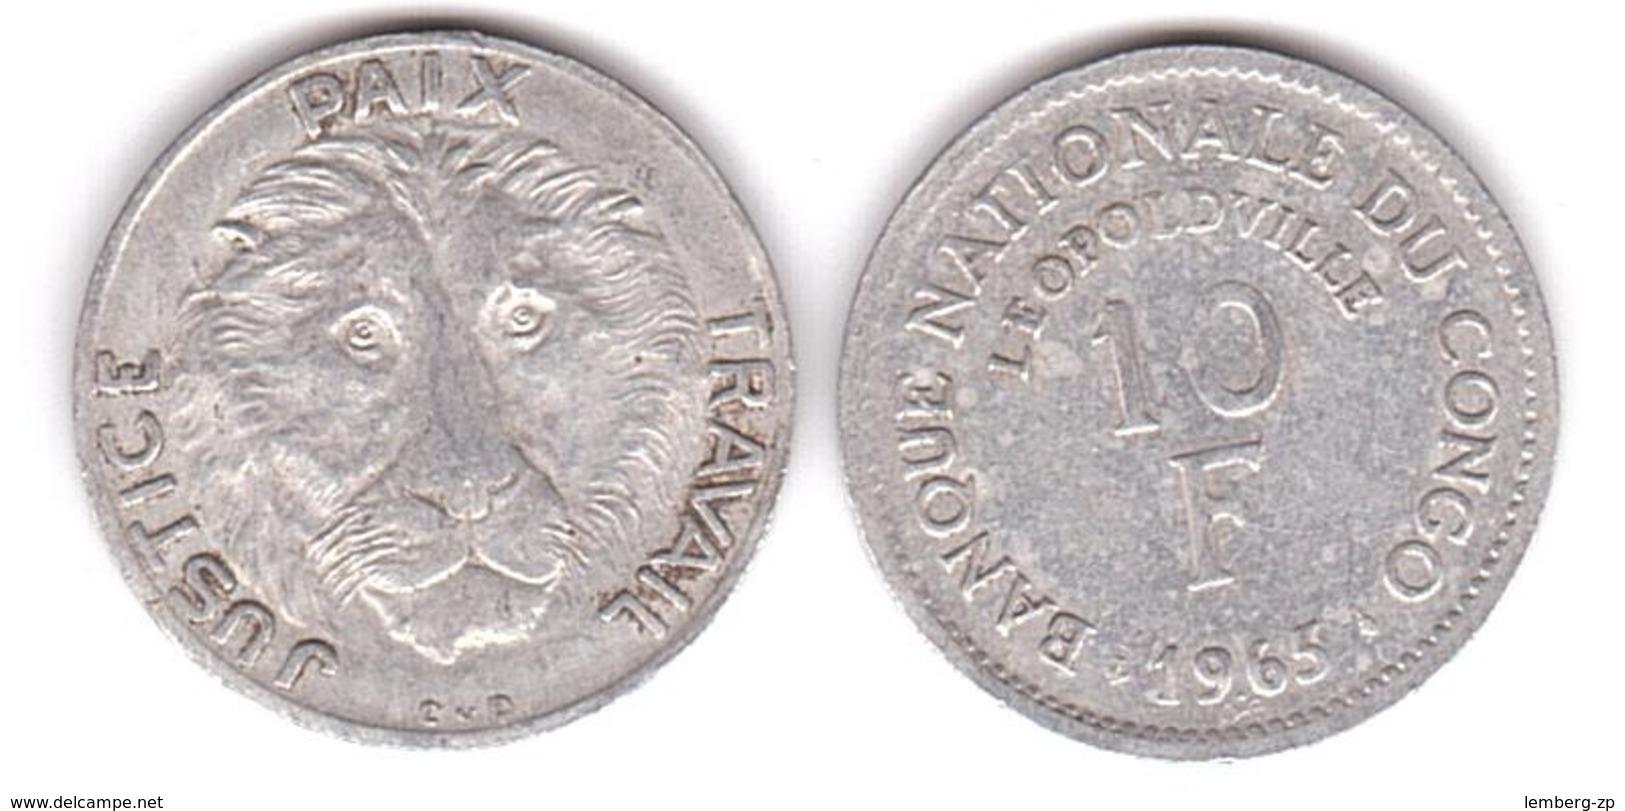 Congo - 10 Francs 1965 - F Lemberg-Zp - Congo (Rép. Démocratique, 1964-70)